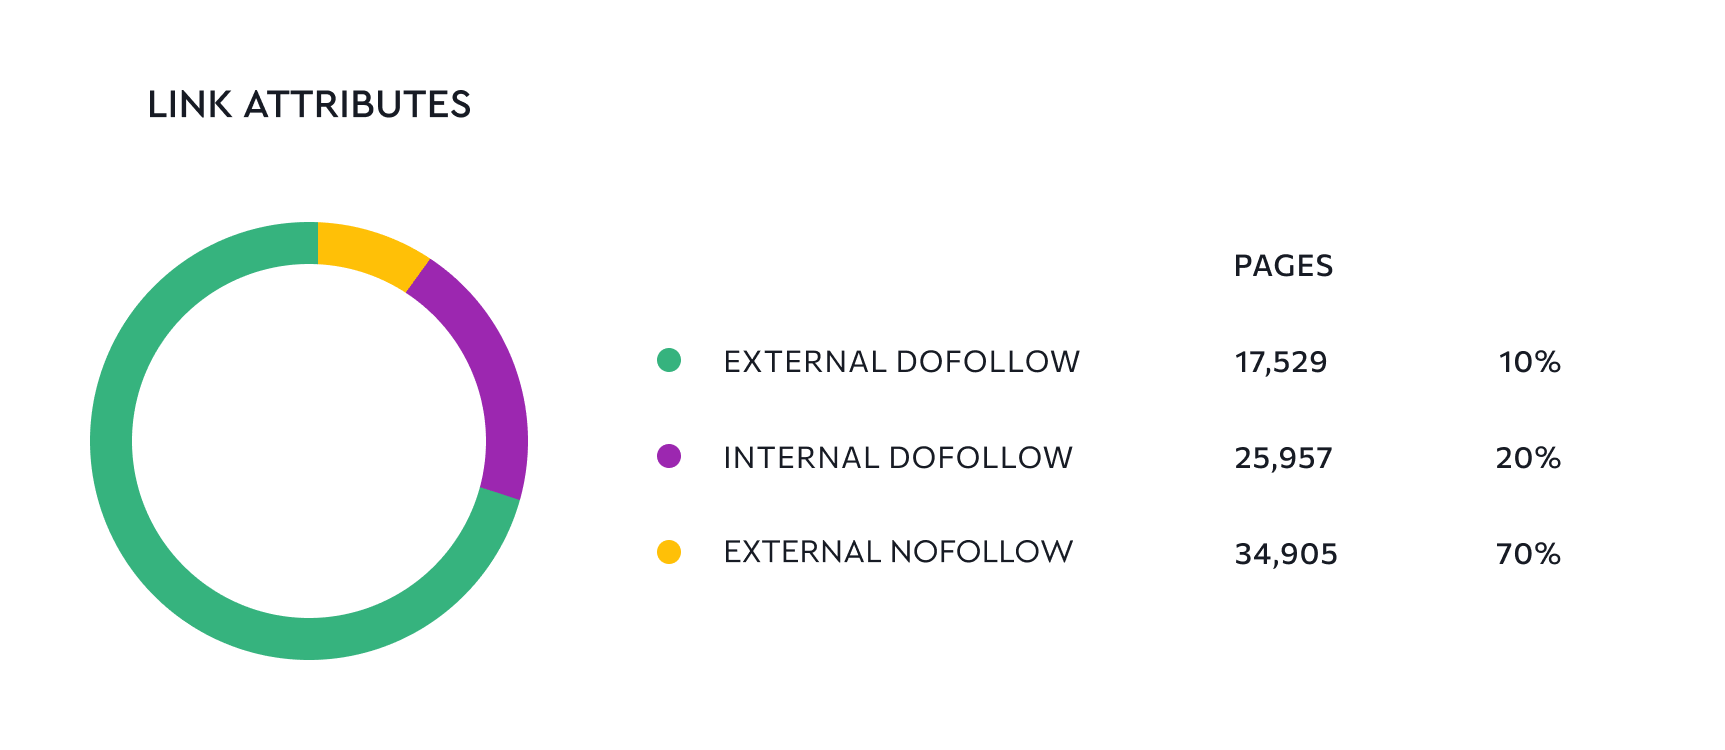 Distribuzione attributi link